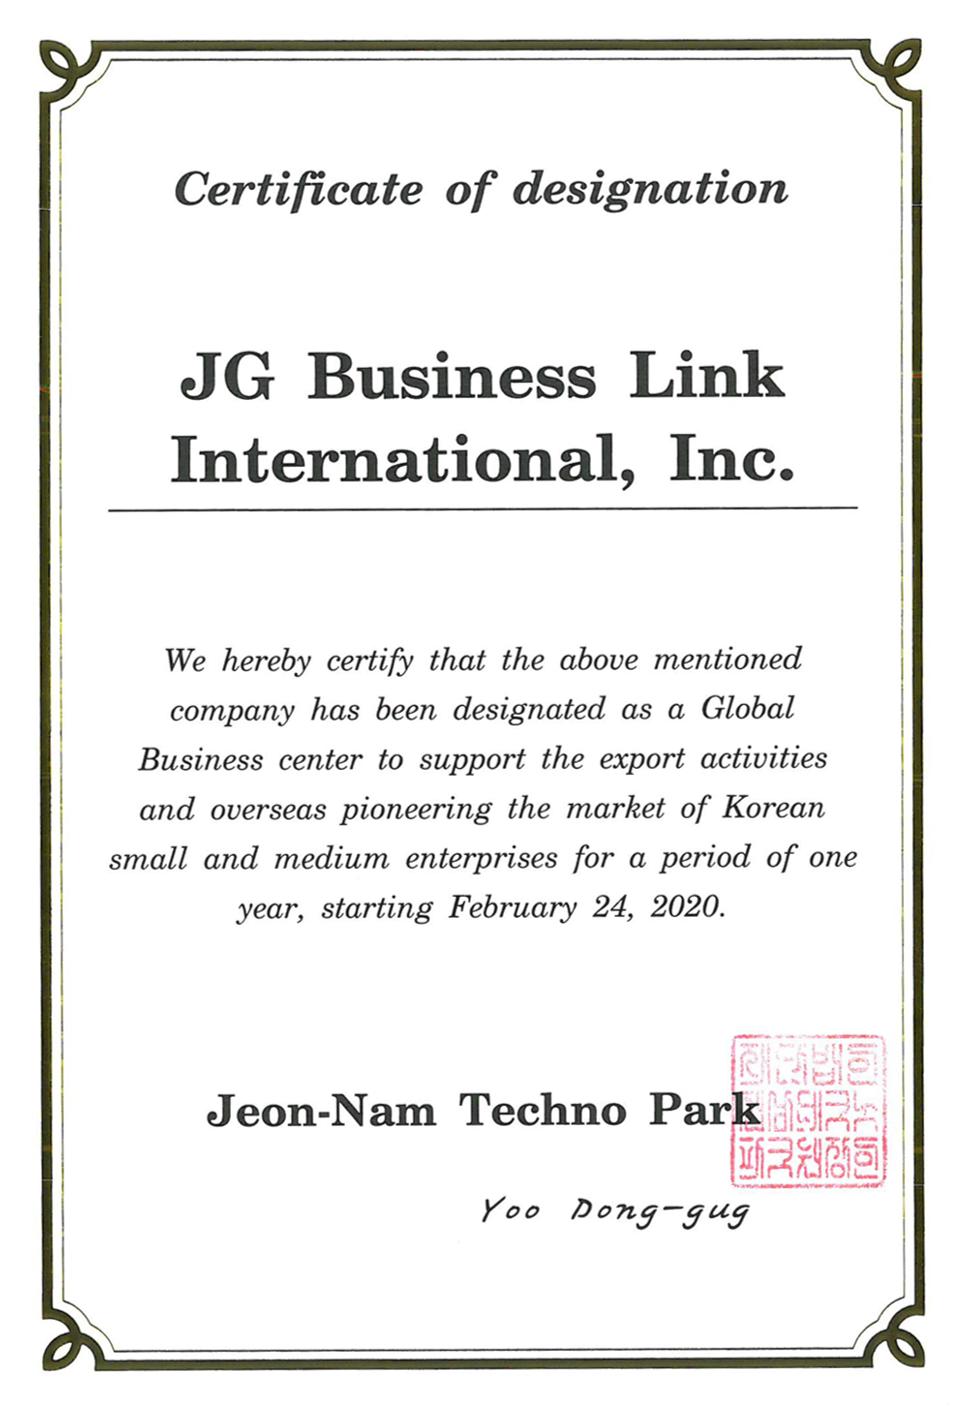 2.Certificate